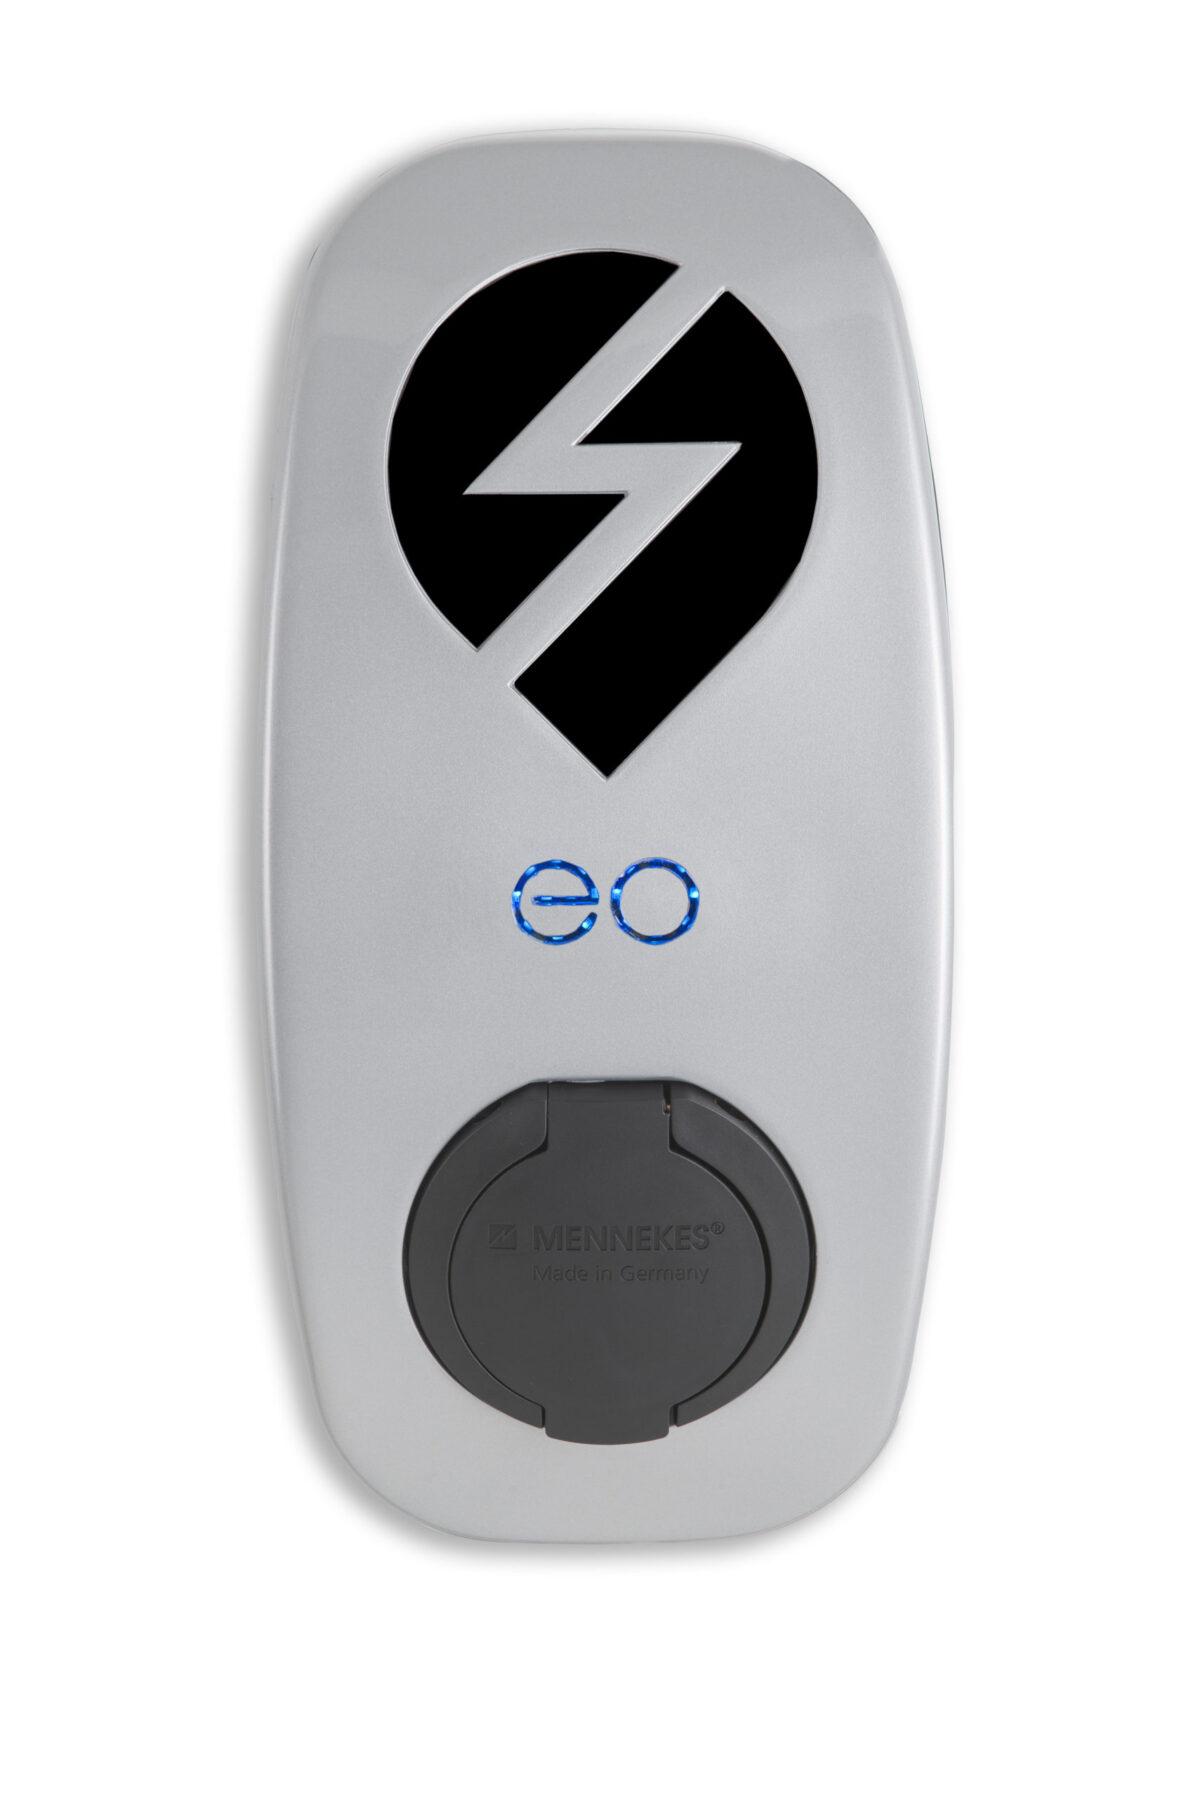 EO Basic socket